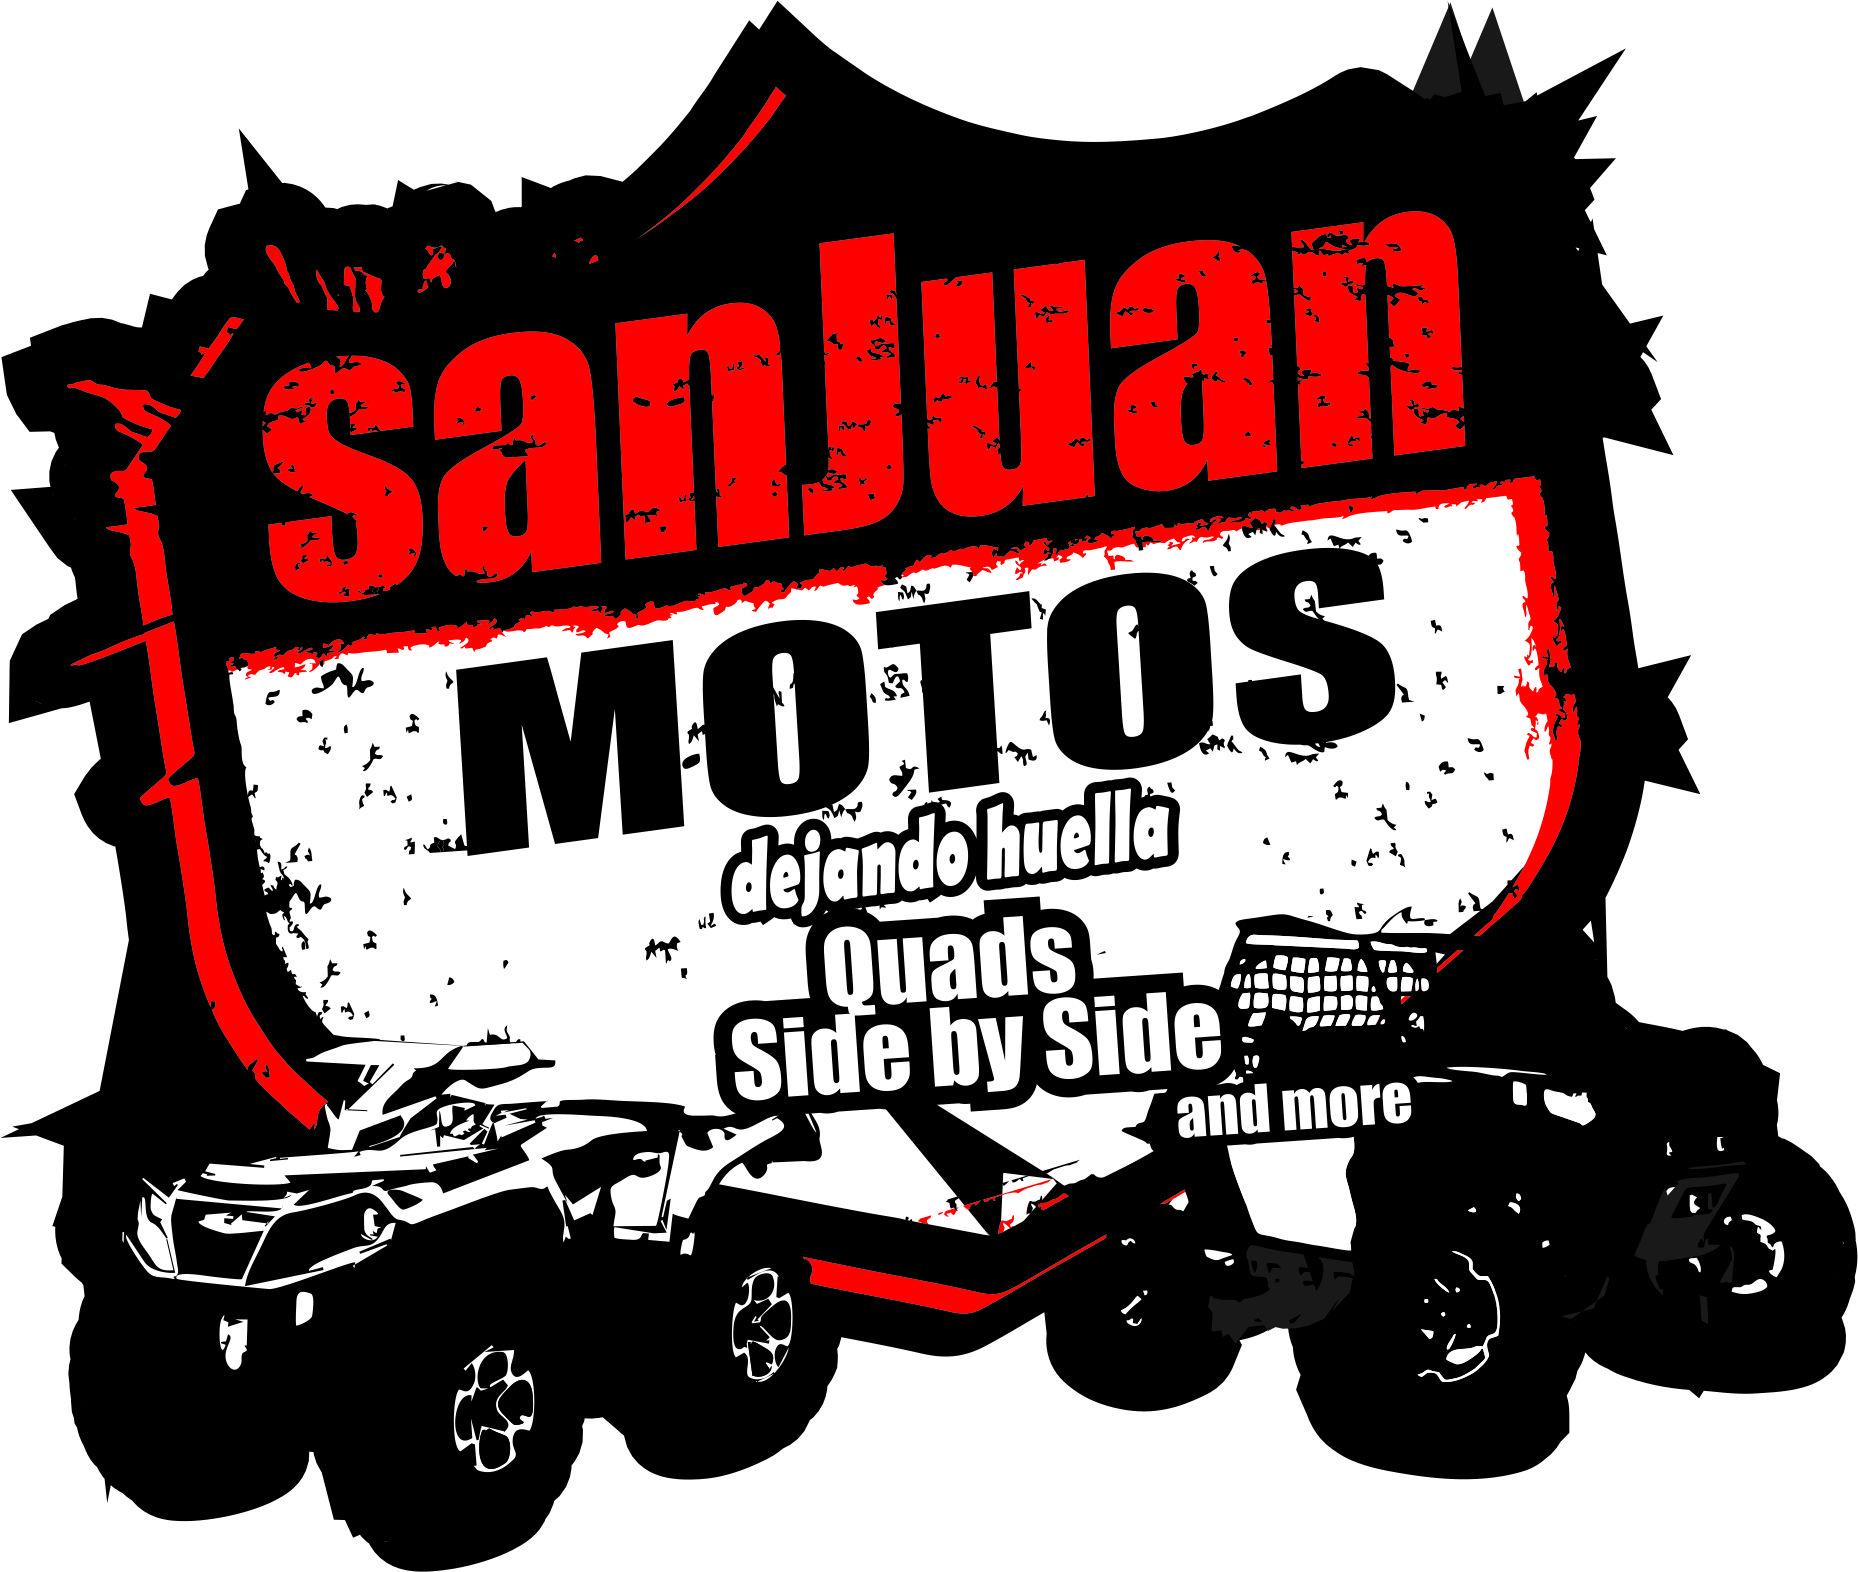 Ver más vehículos de Sanjuanmotos